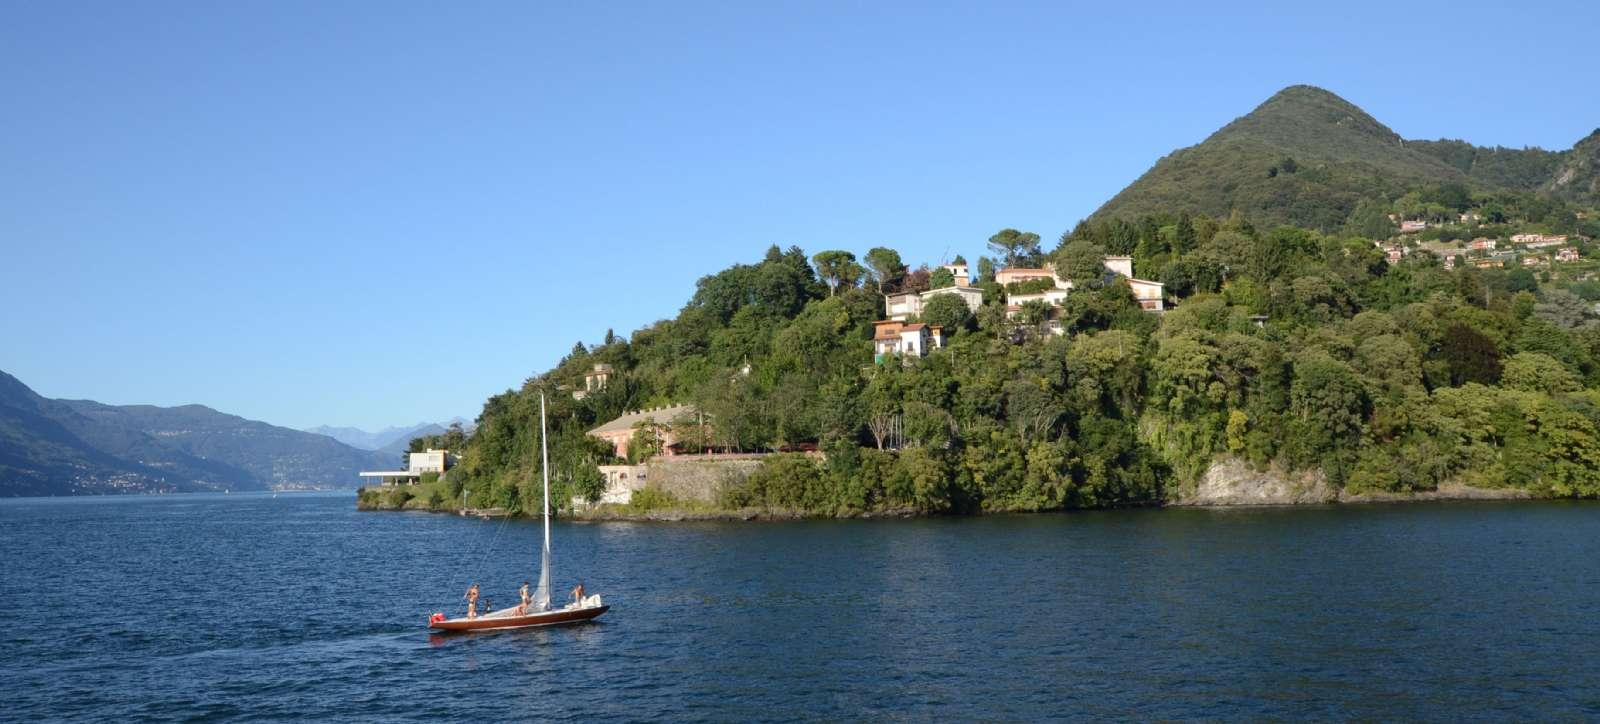 Maggioresjön inbjuder till en vistelse vid sjökanten